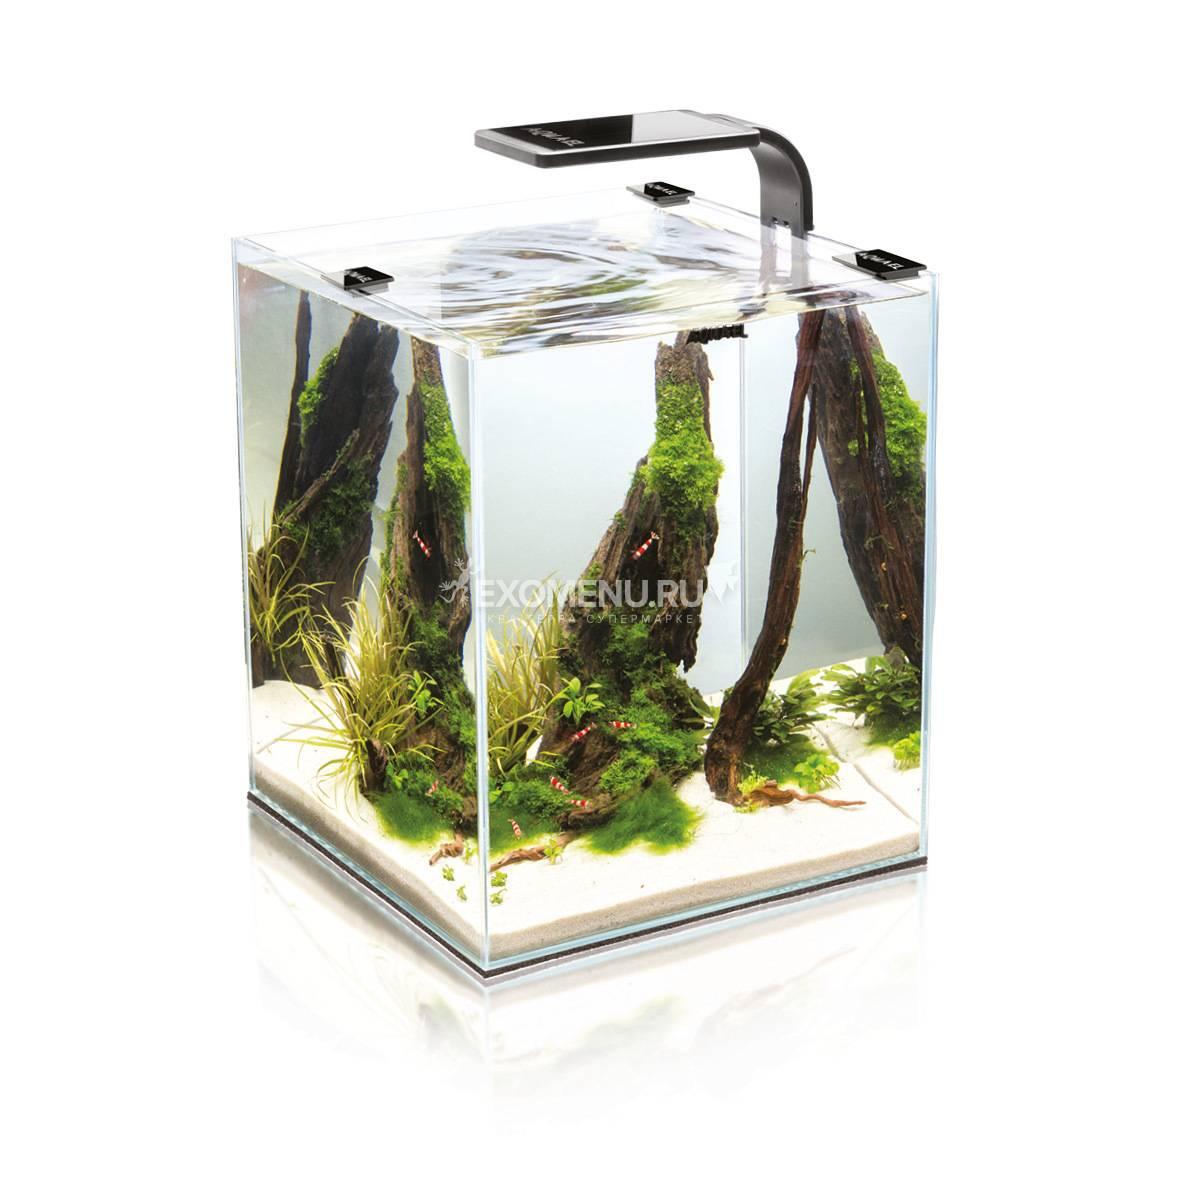 Креветкарий SHRIMP SET SMART PLANT II 30 черный, (30х30х35) укомплектован светодиодным светильником,фильтром, обогревателем